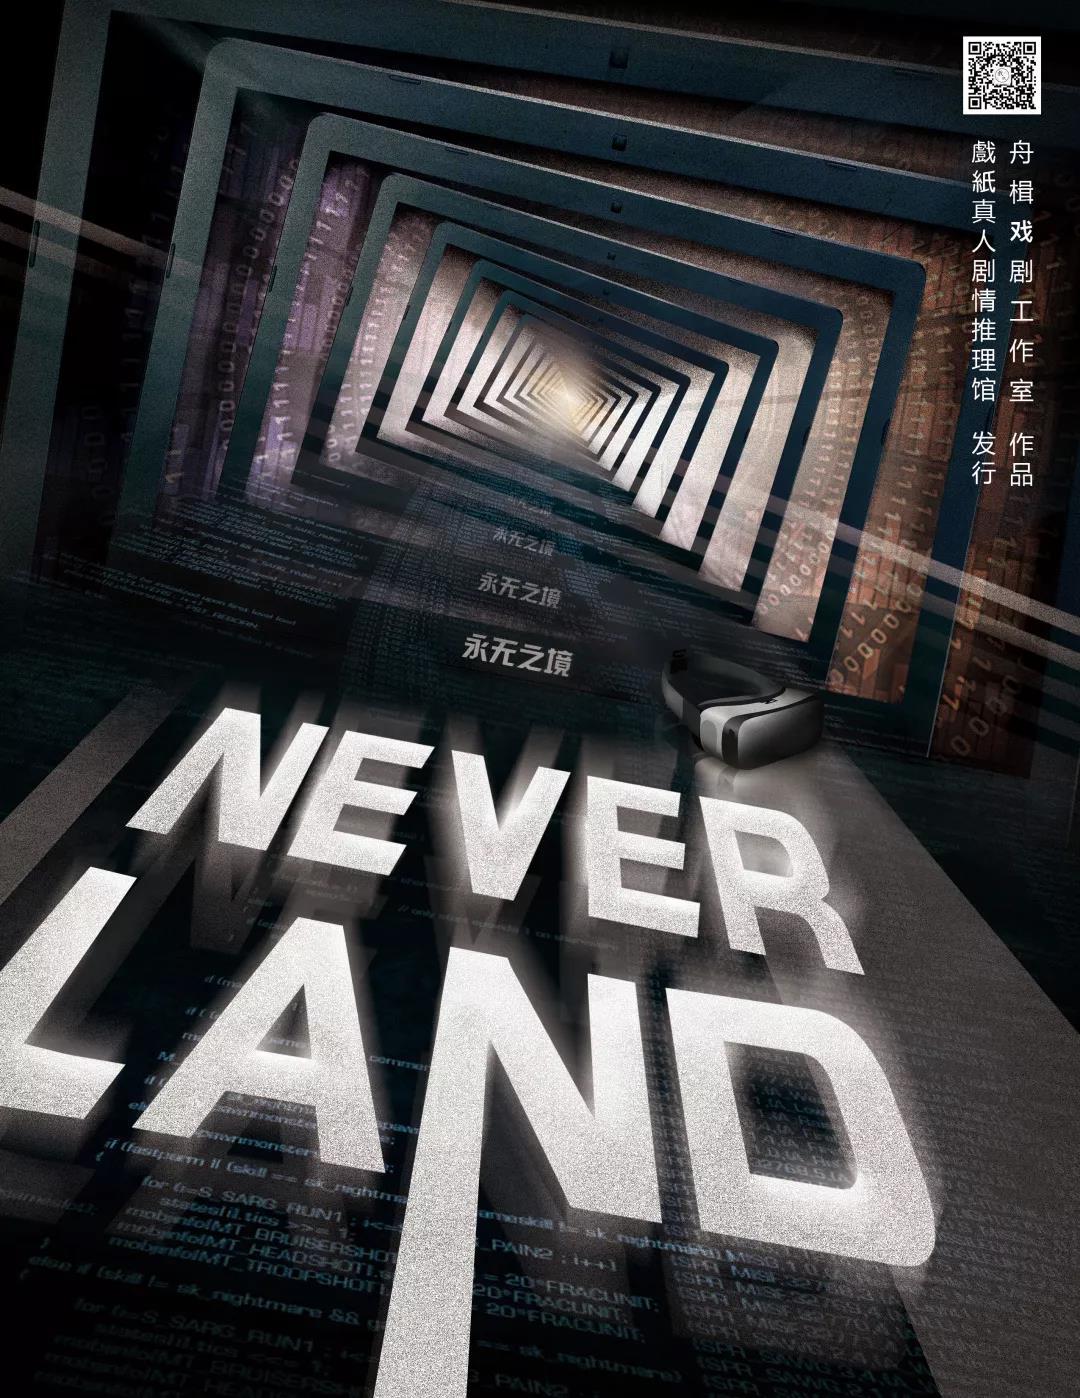 剧本杀NeverLand复盘解析+凶手是谁+手法动机+剧透